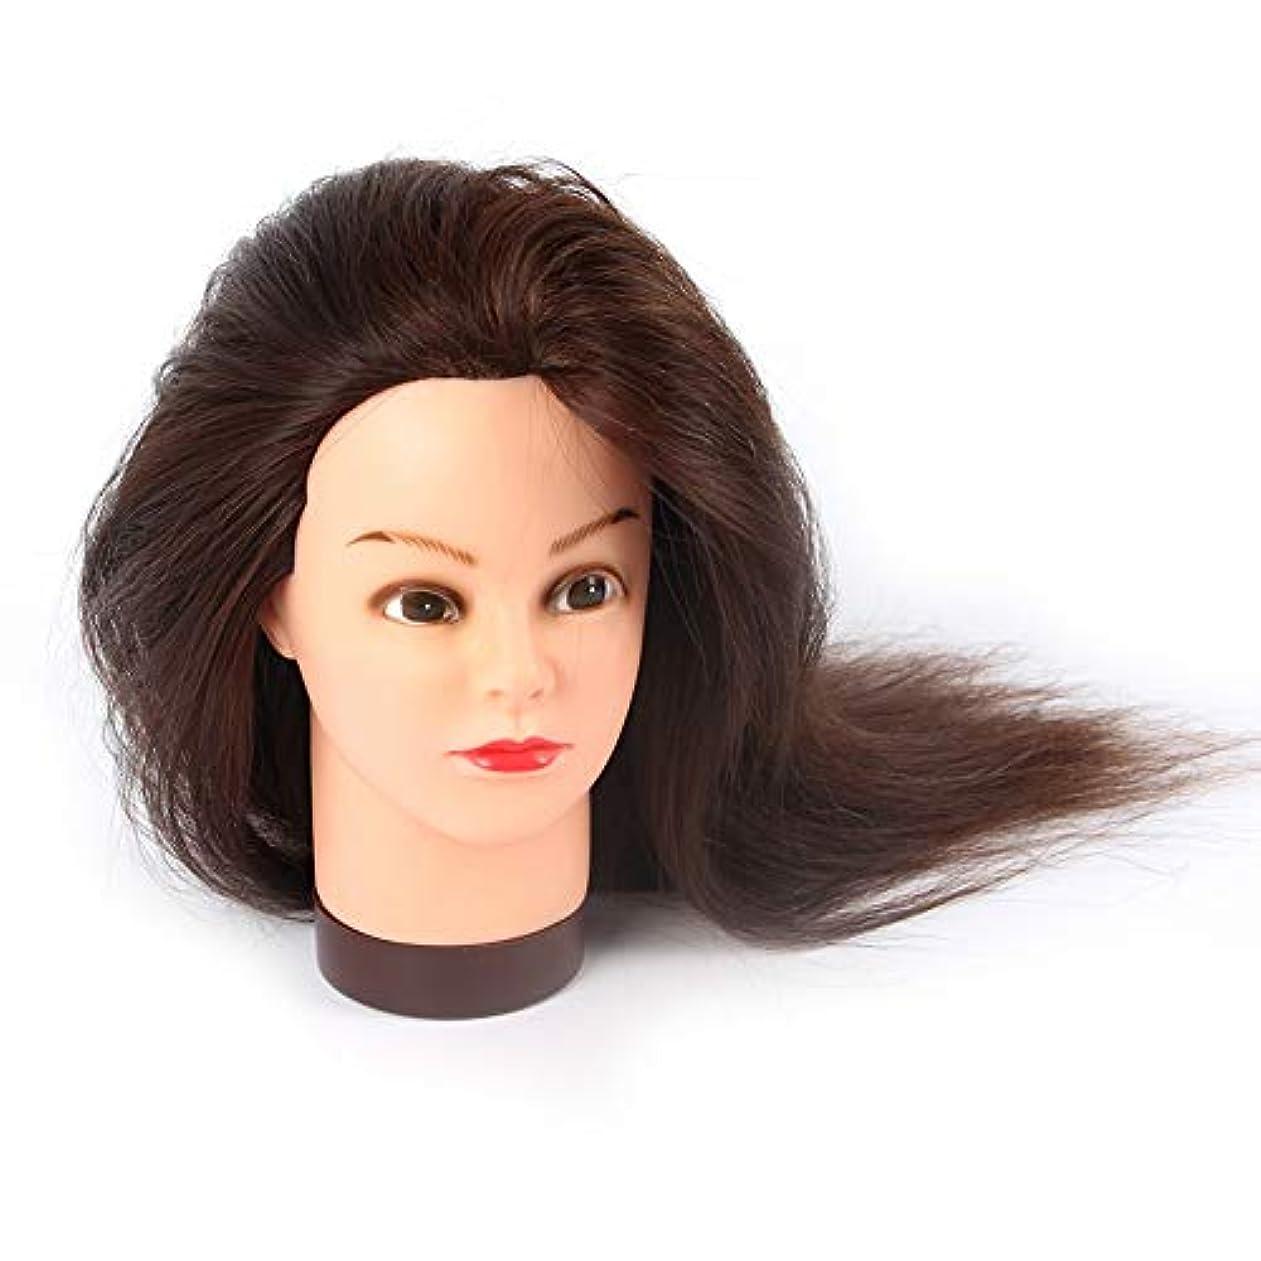 外部肘掛け椅子無実花嫁メイクモデリング教育ヘッド本物の人物ヘアダミーヘッドモデル理髪店学習パーマ髪染めモデルヘッド